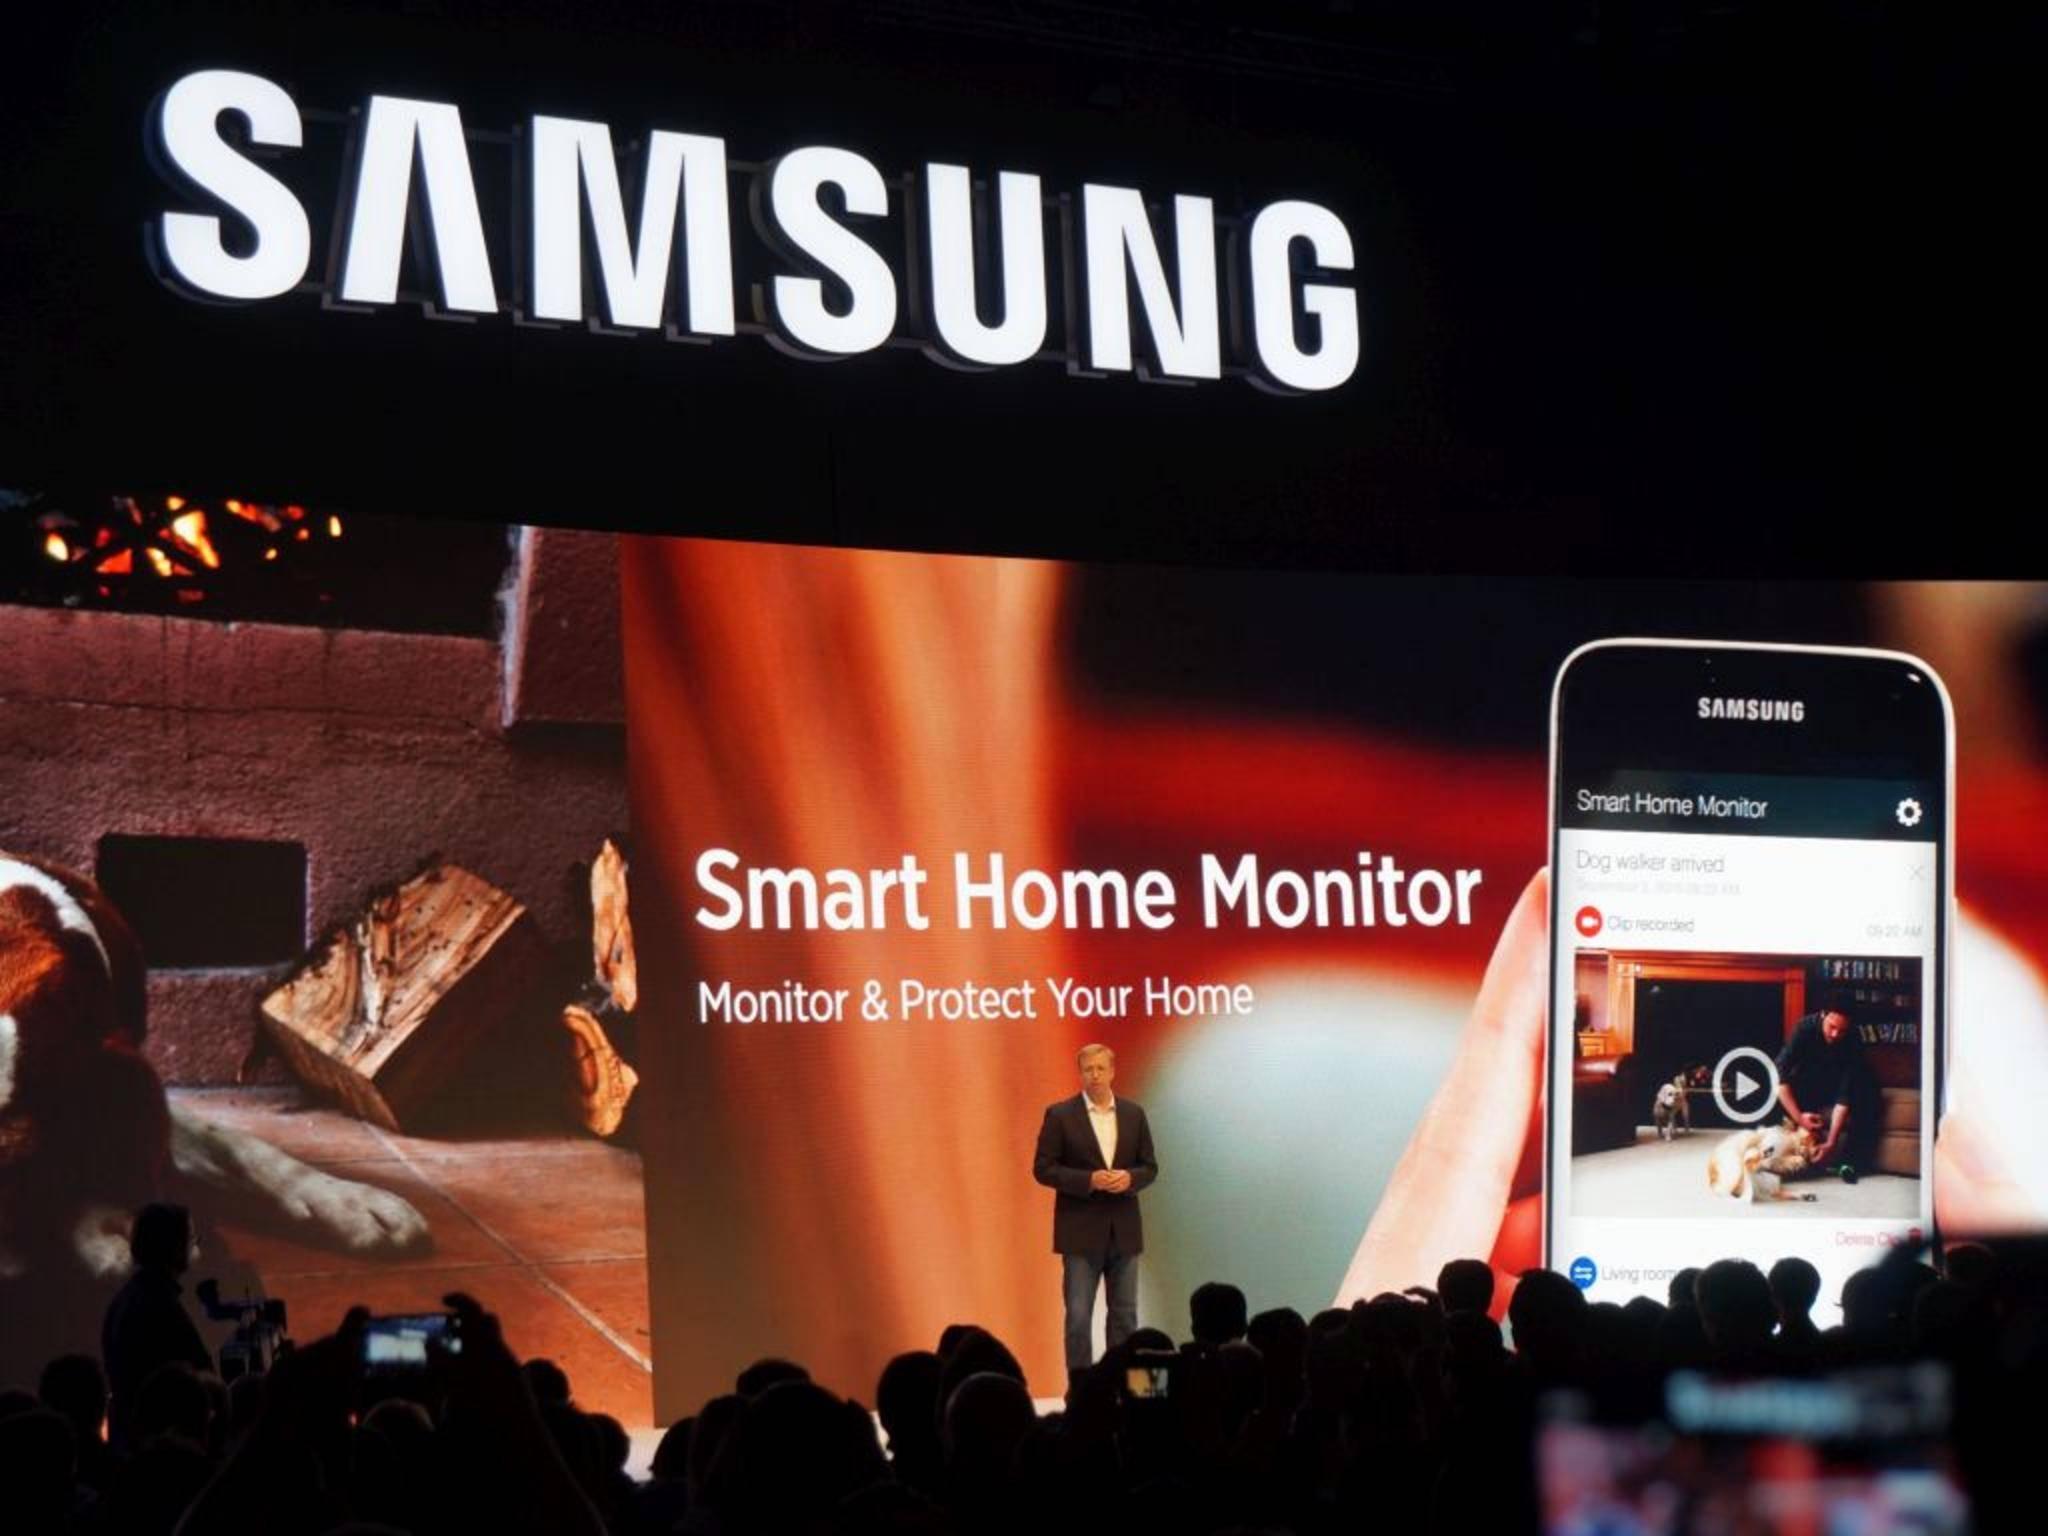 Gesteuert werden könnten alle Smart Home-Elemente über eine zentrale Schnittstelle.